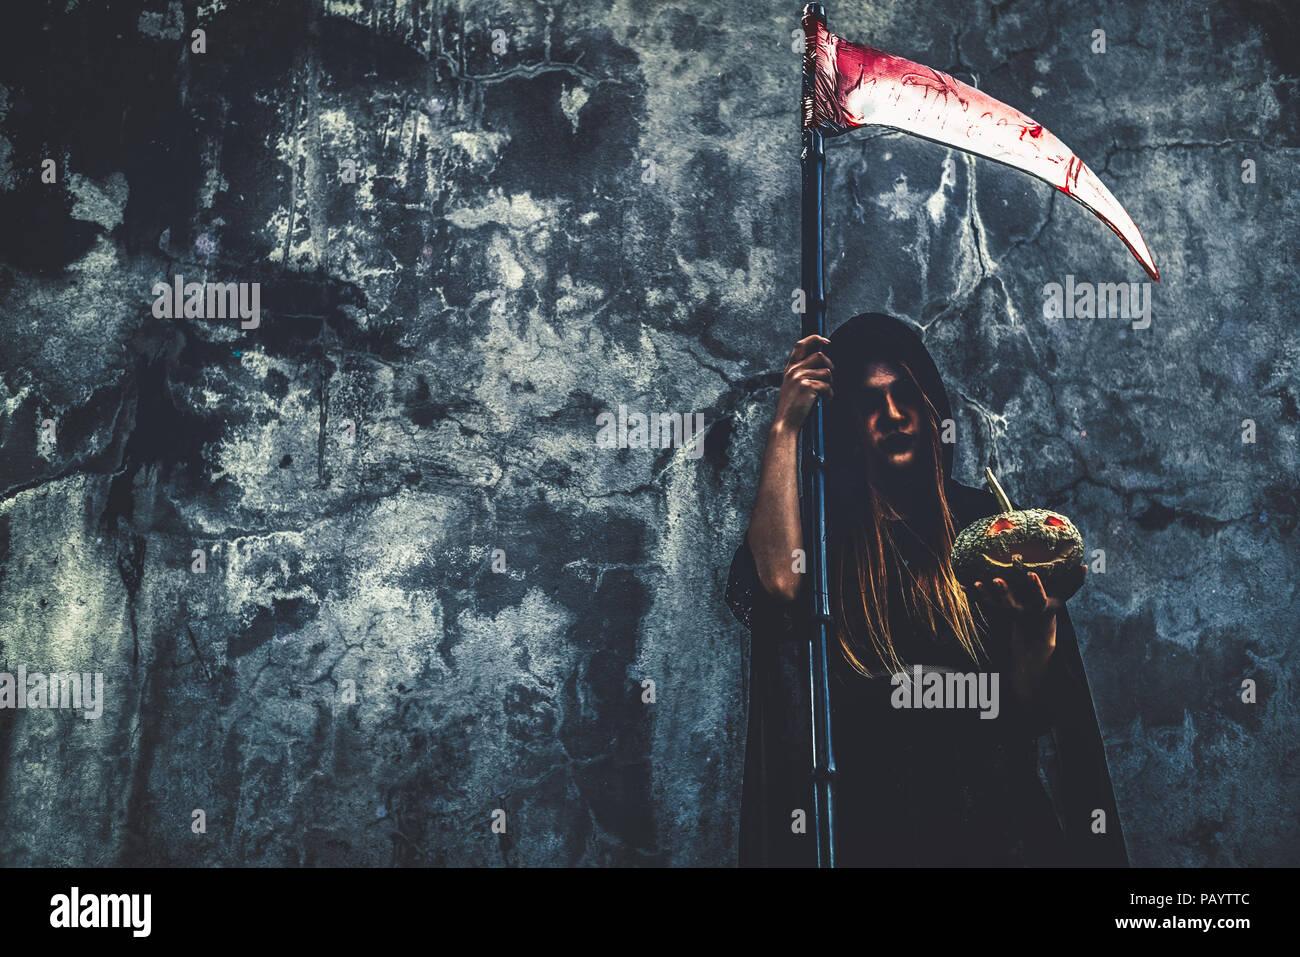 Demon strega con reaper sulla parete grunge background. Halloween e la concezione religiosa. Demon angel e tema di Satana. Immagini Stock